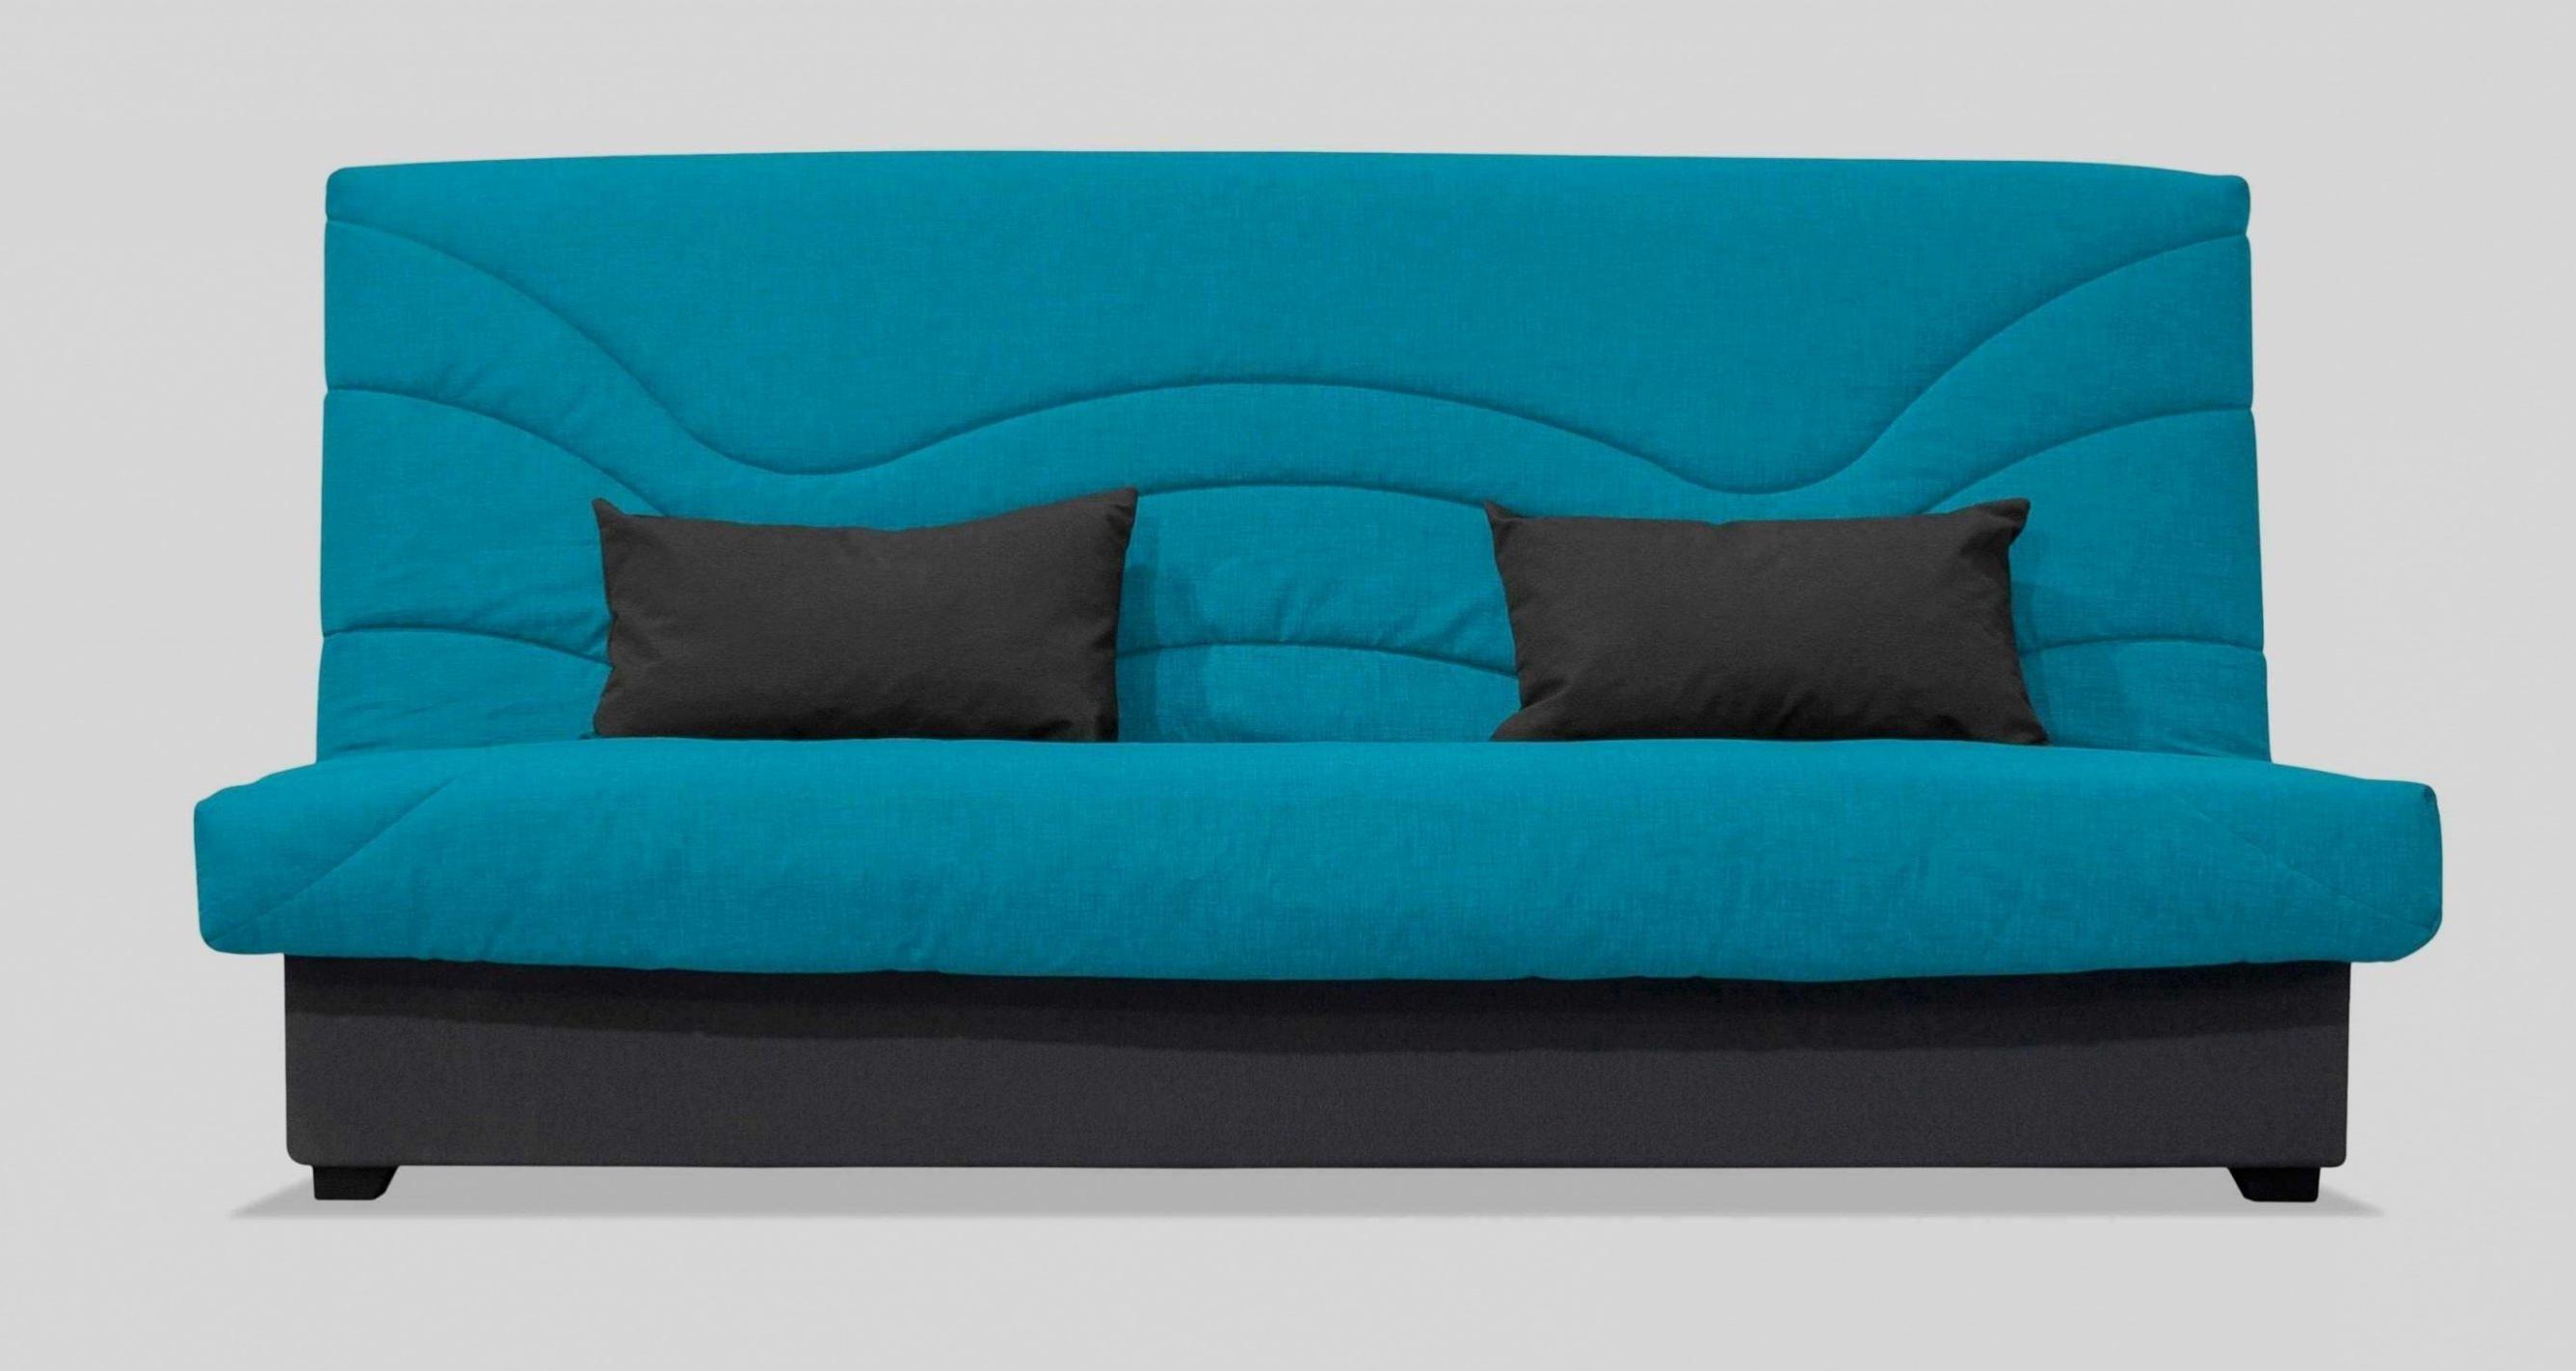 Sofas Cama En Conforama Wddj sofa Cama Conforama Bello sofas Cama 3 Plazas Nuevo sofa